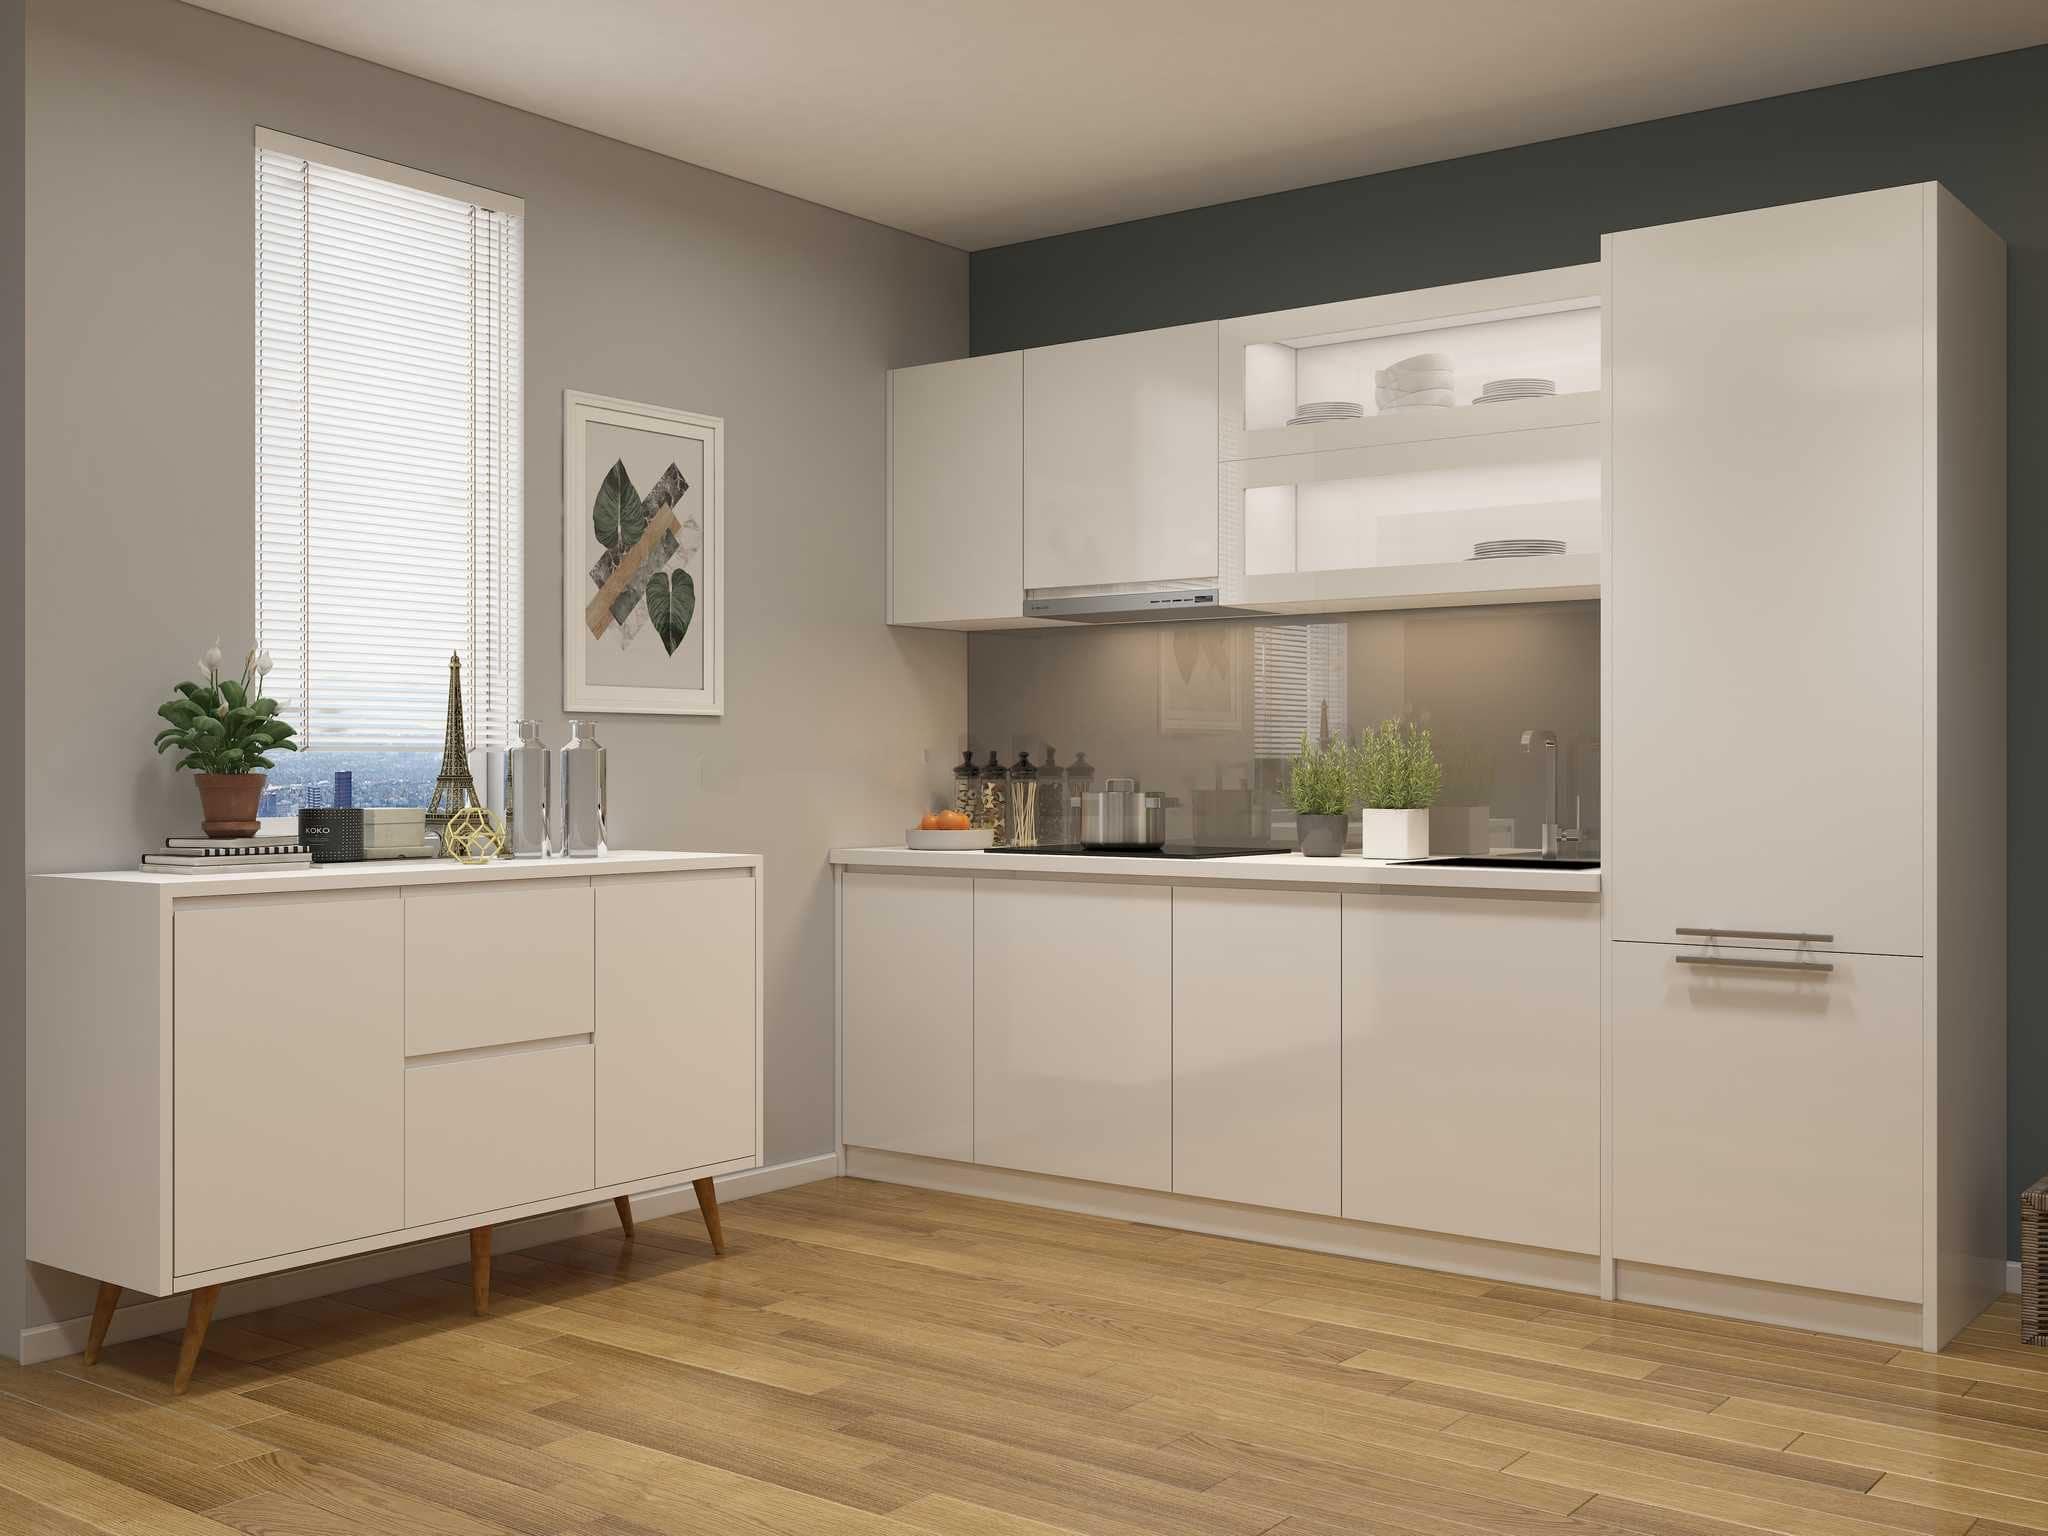 Tủ bếp acrylic chữ I màu trắng bóng